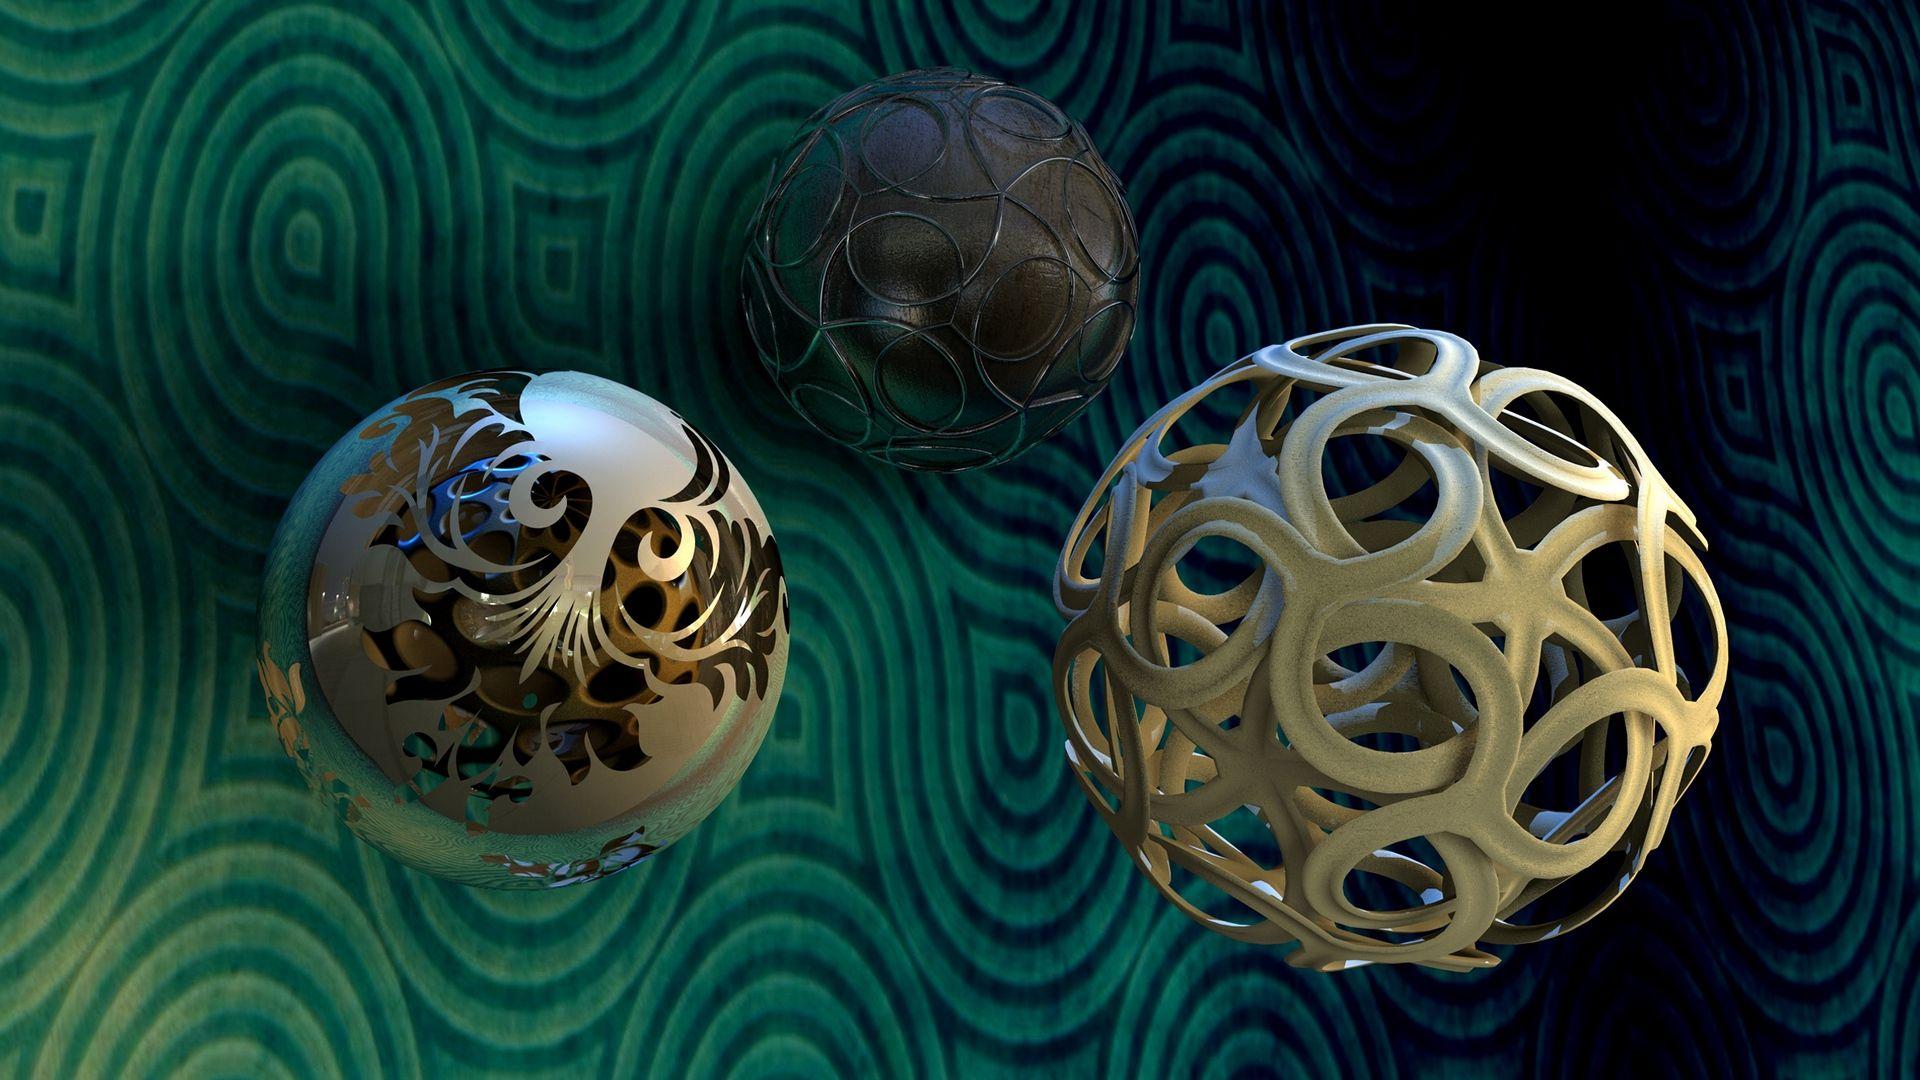 balls shape flight weaving x Hd Wallpaper in 2020